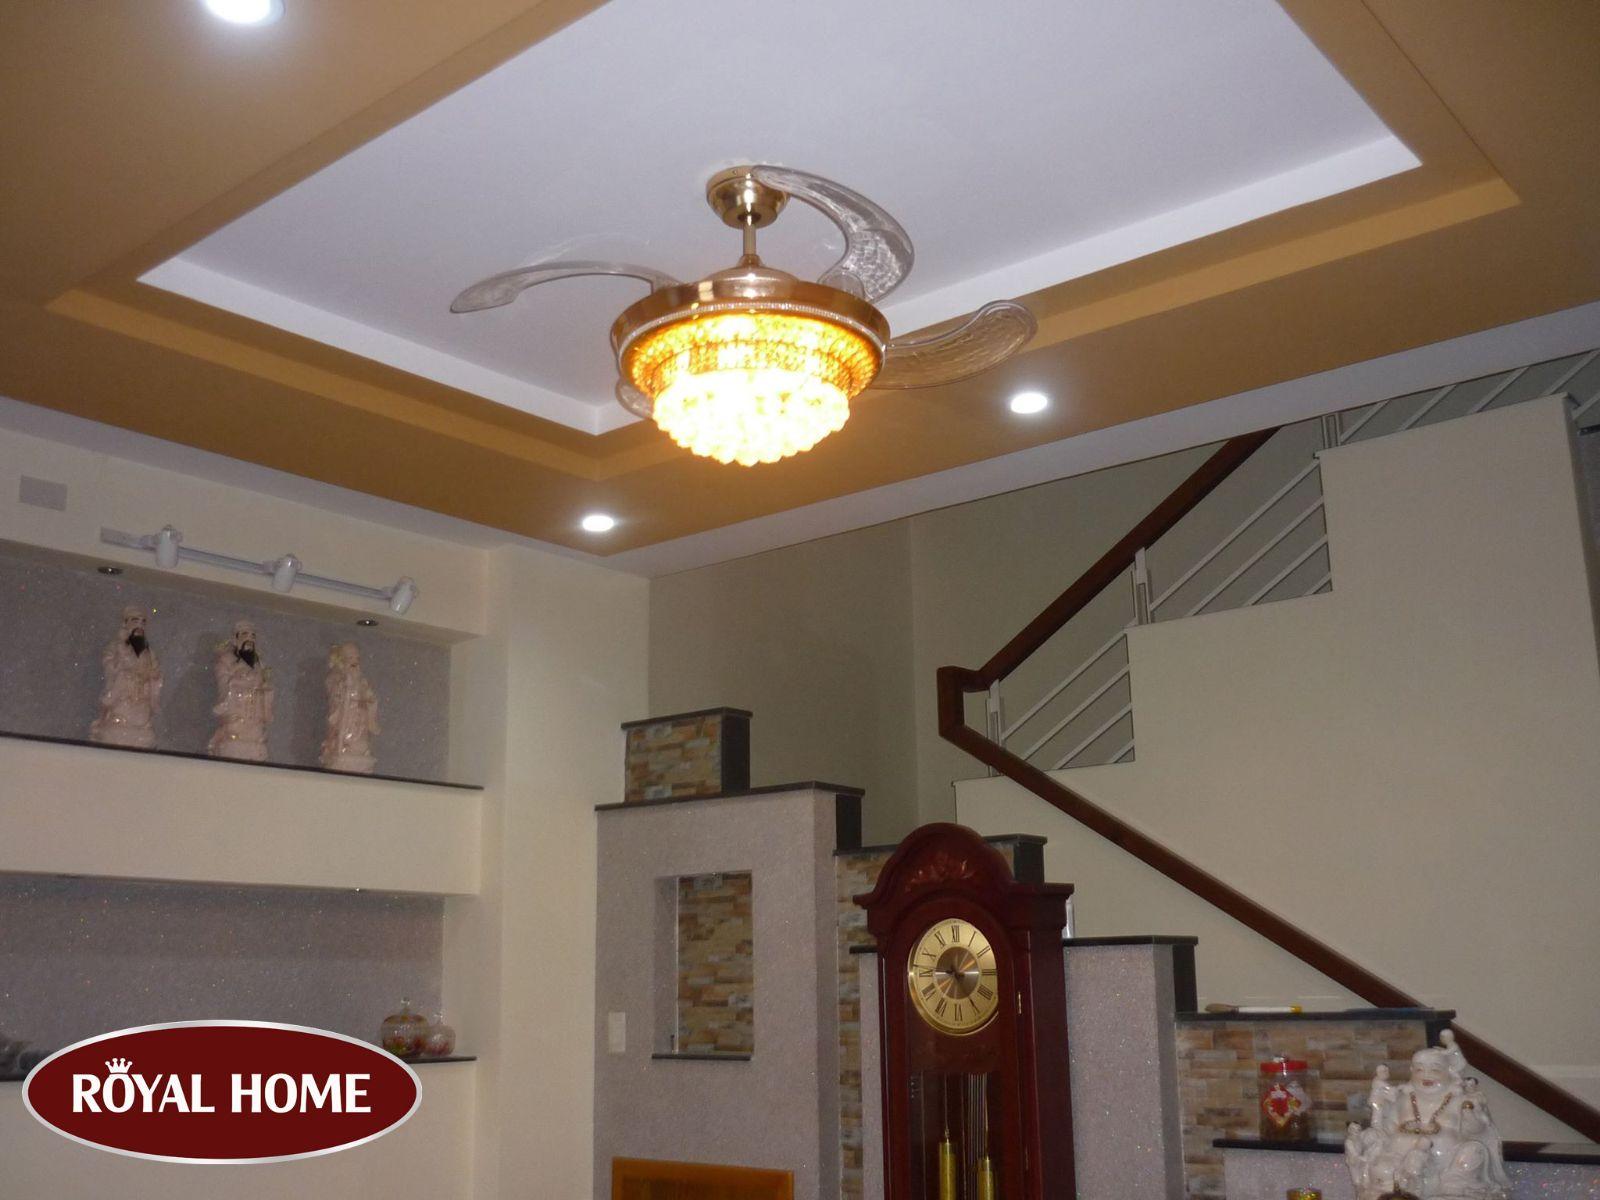 Royal Home – Địa chỉ cung cấp quạt trần sài gòn chất lượng siêu việt